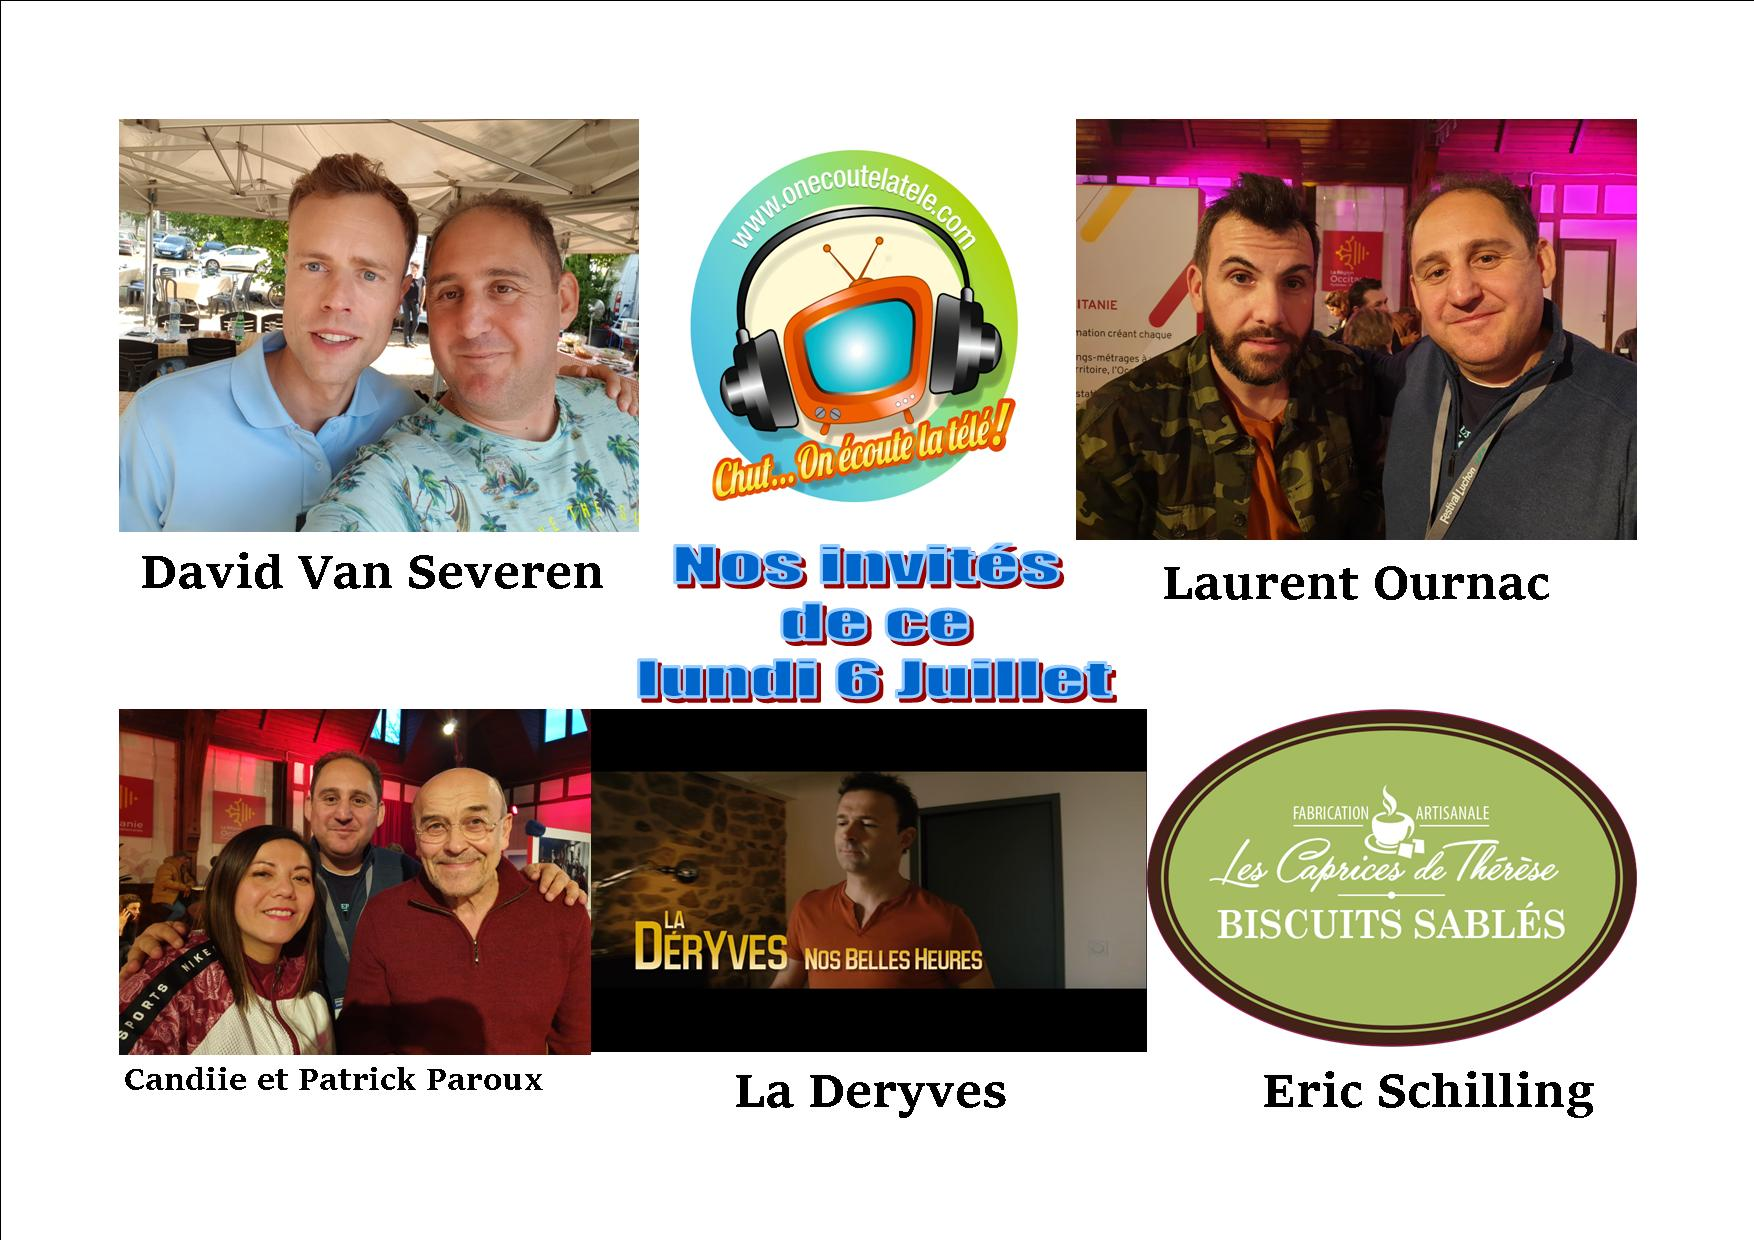 Laurent Ournac, La deryves, David Van Severen, Candiie, Patrick Paroux et les caprices de thérèse à l'honneur ce lundi 6 juillet dans Chut on écoute la télé